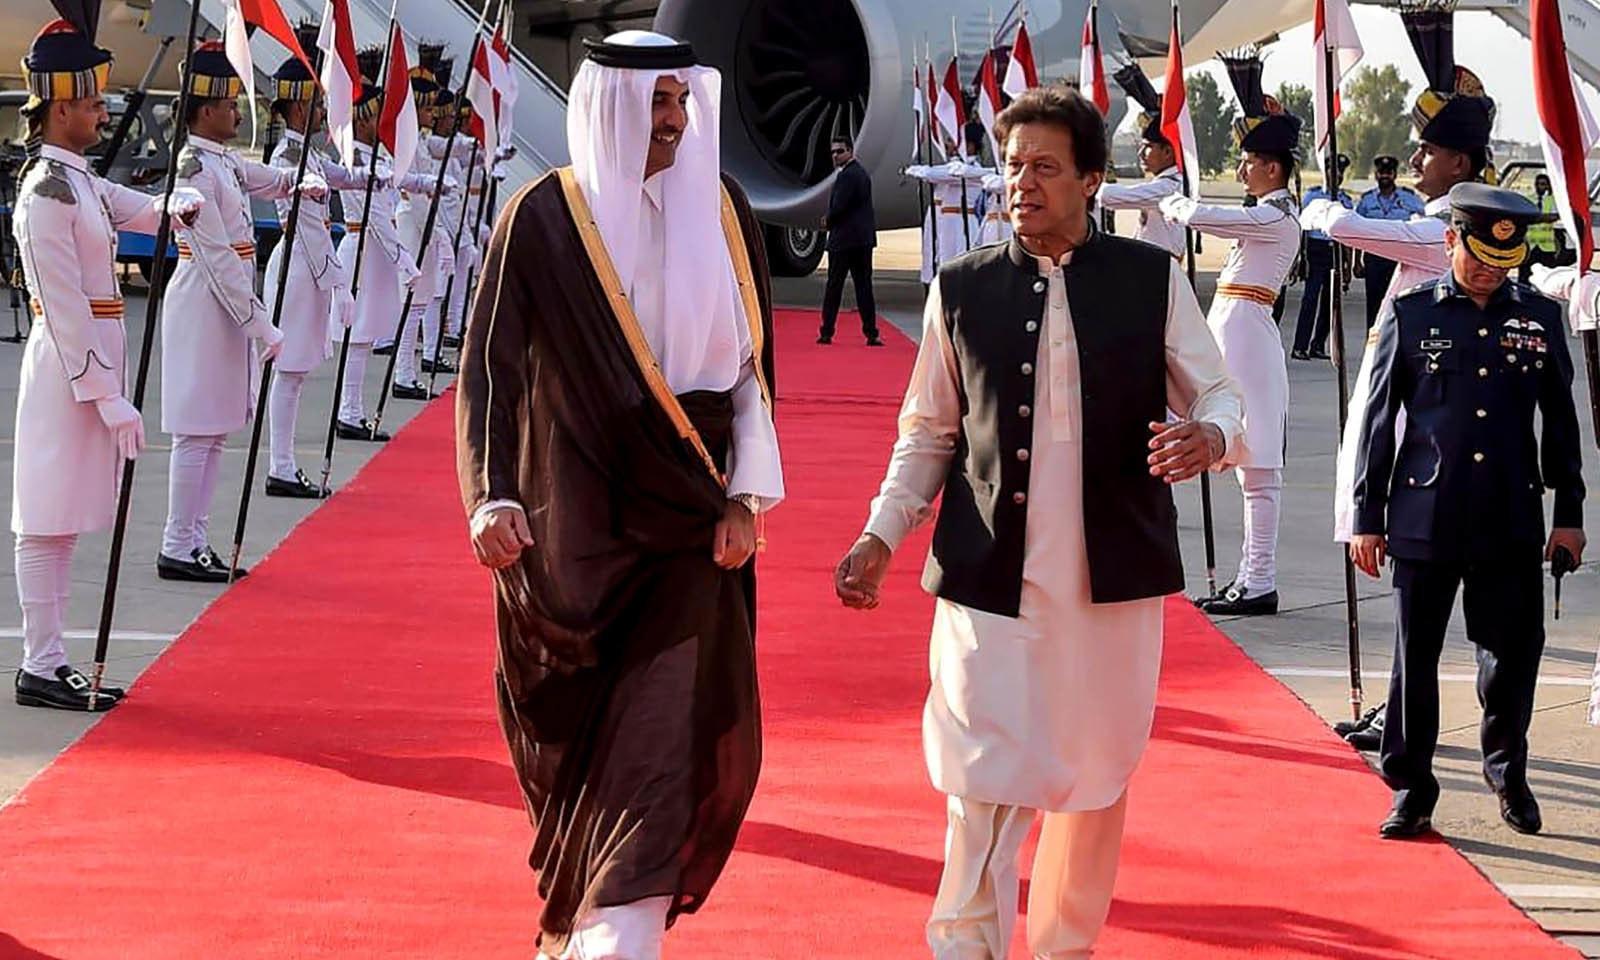 قطر کے امیر شیخ تمیم بن حمد الثانی 2 روزہ دورے پر پاکستان پہنچے تھے —فوٹو: اے ایف پی